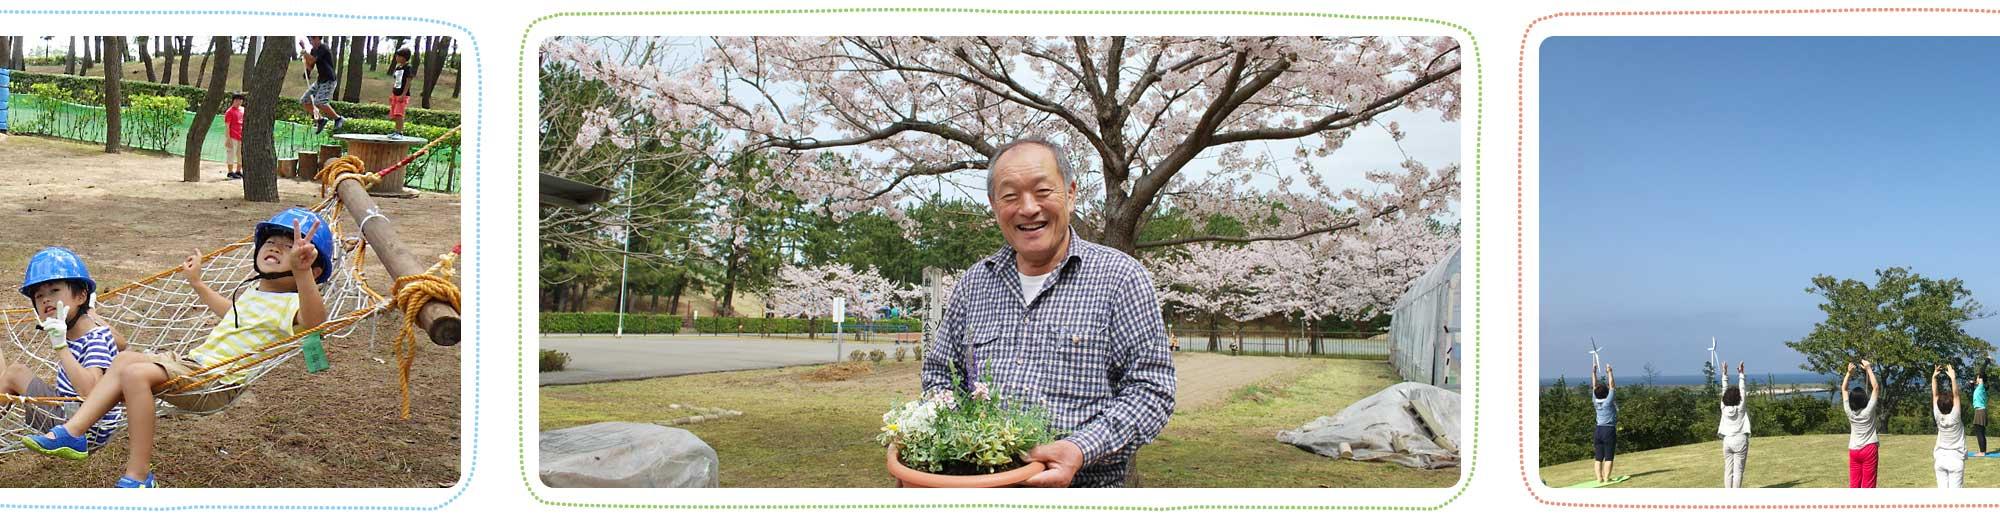 テクノポート福井総合公園で寄せ植え